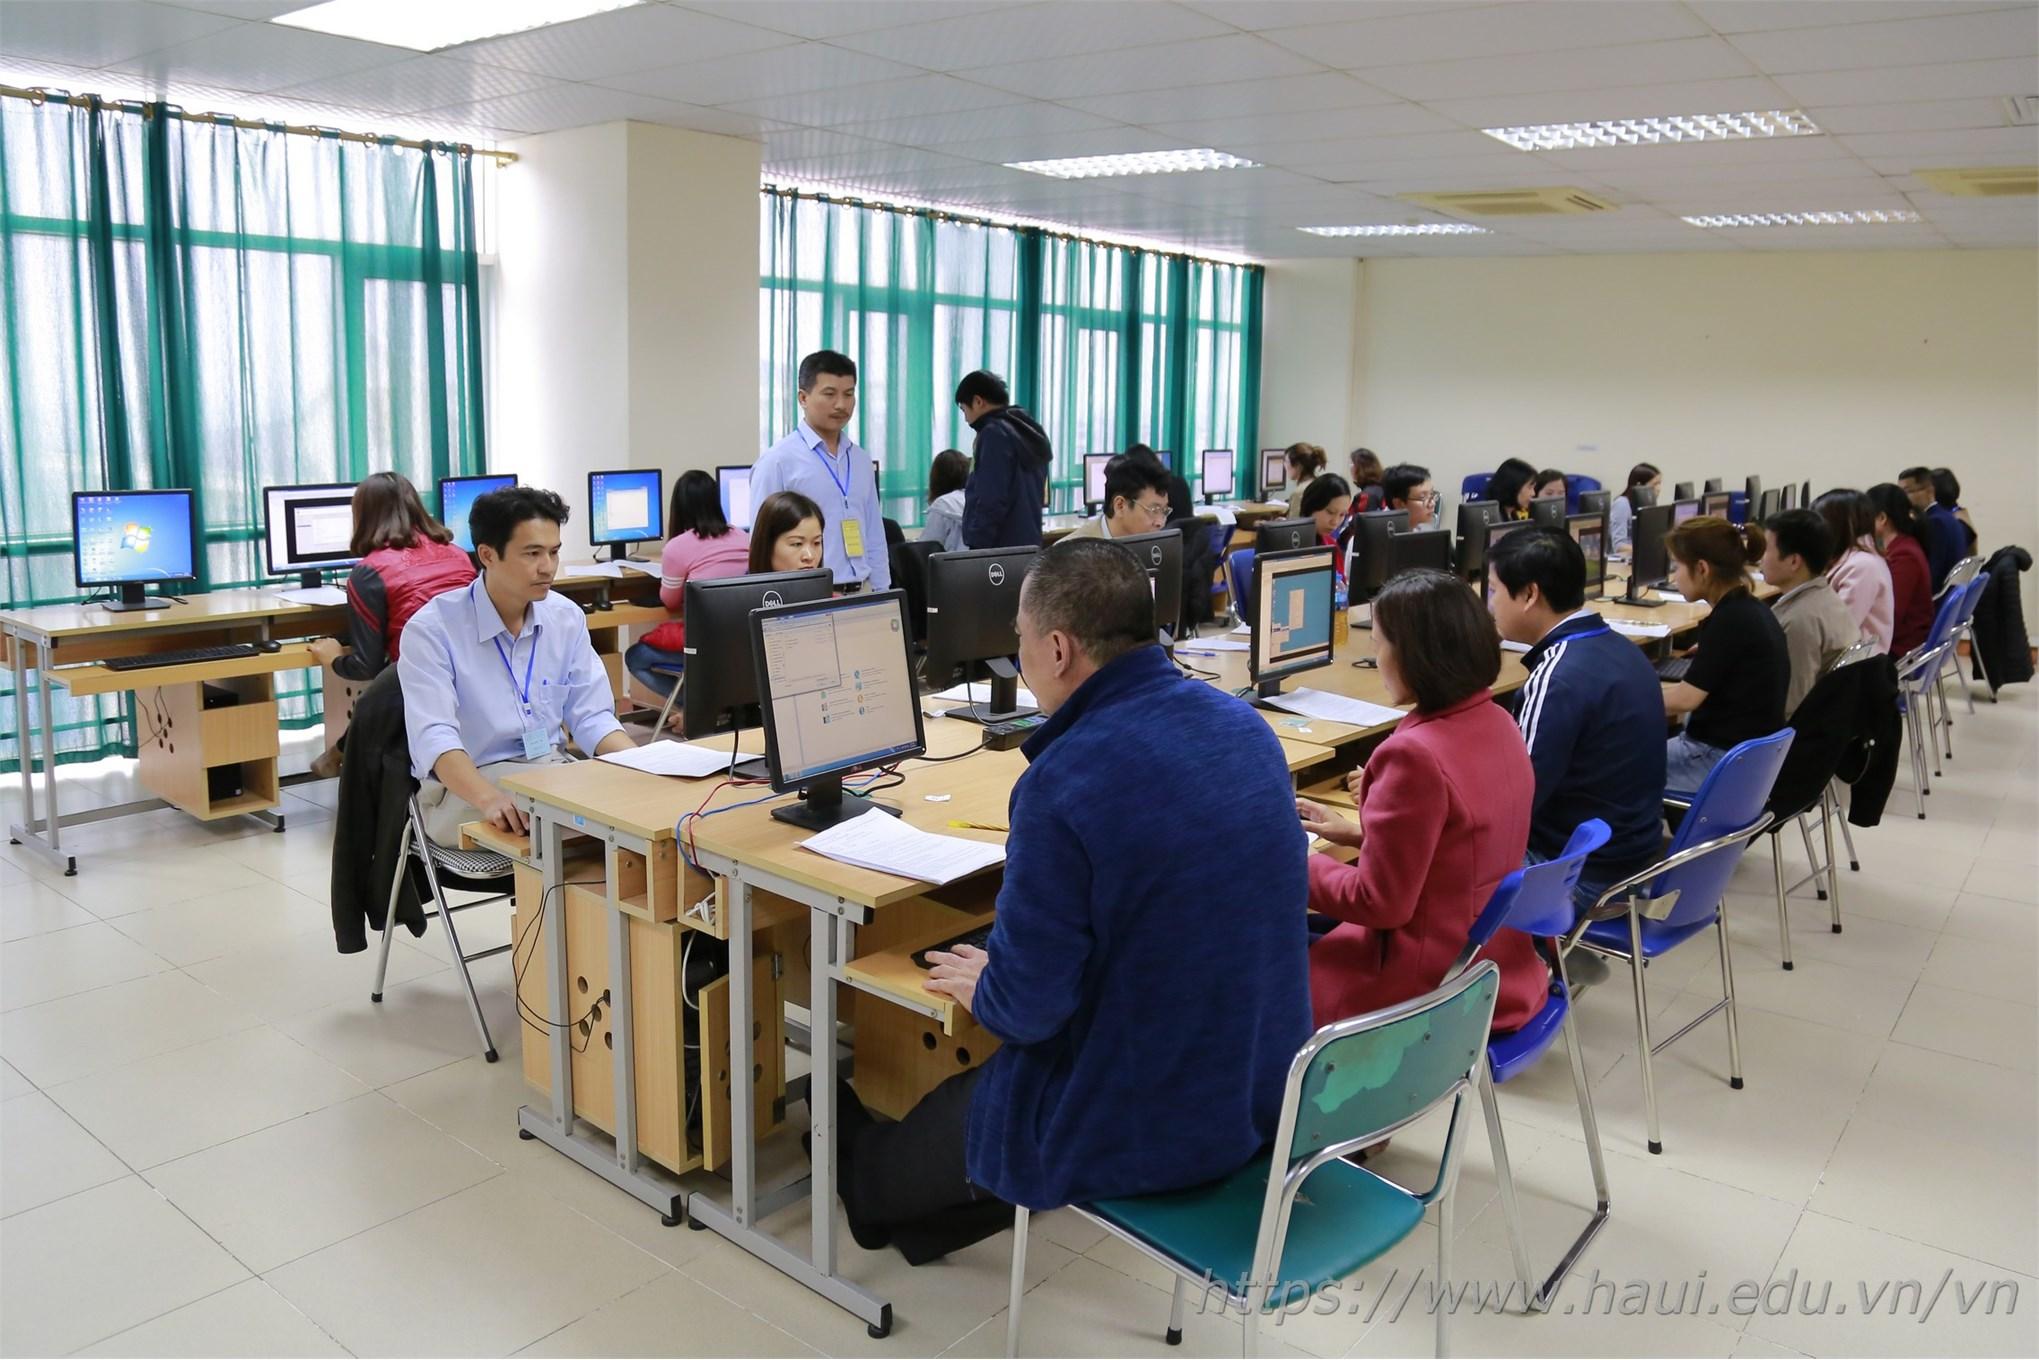 108 thí sinh tham gia kỳ đánh giá kỹ năng nghề quốc gia kỳ III năm 2019